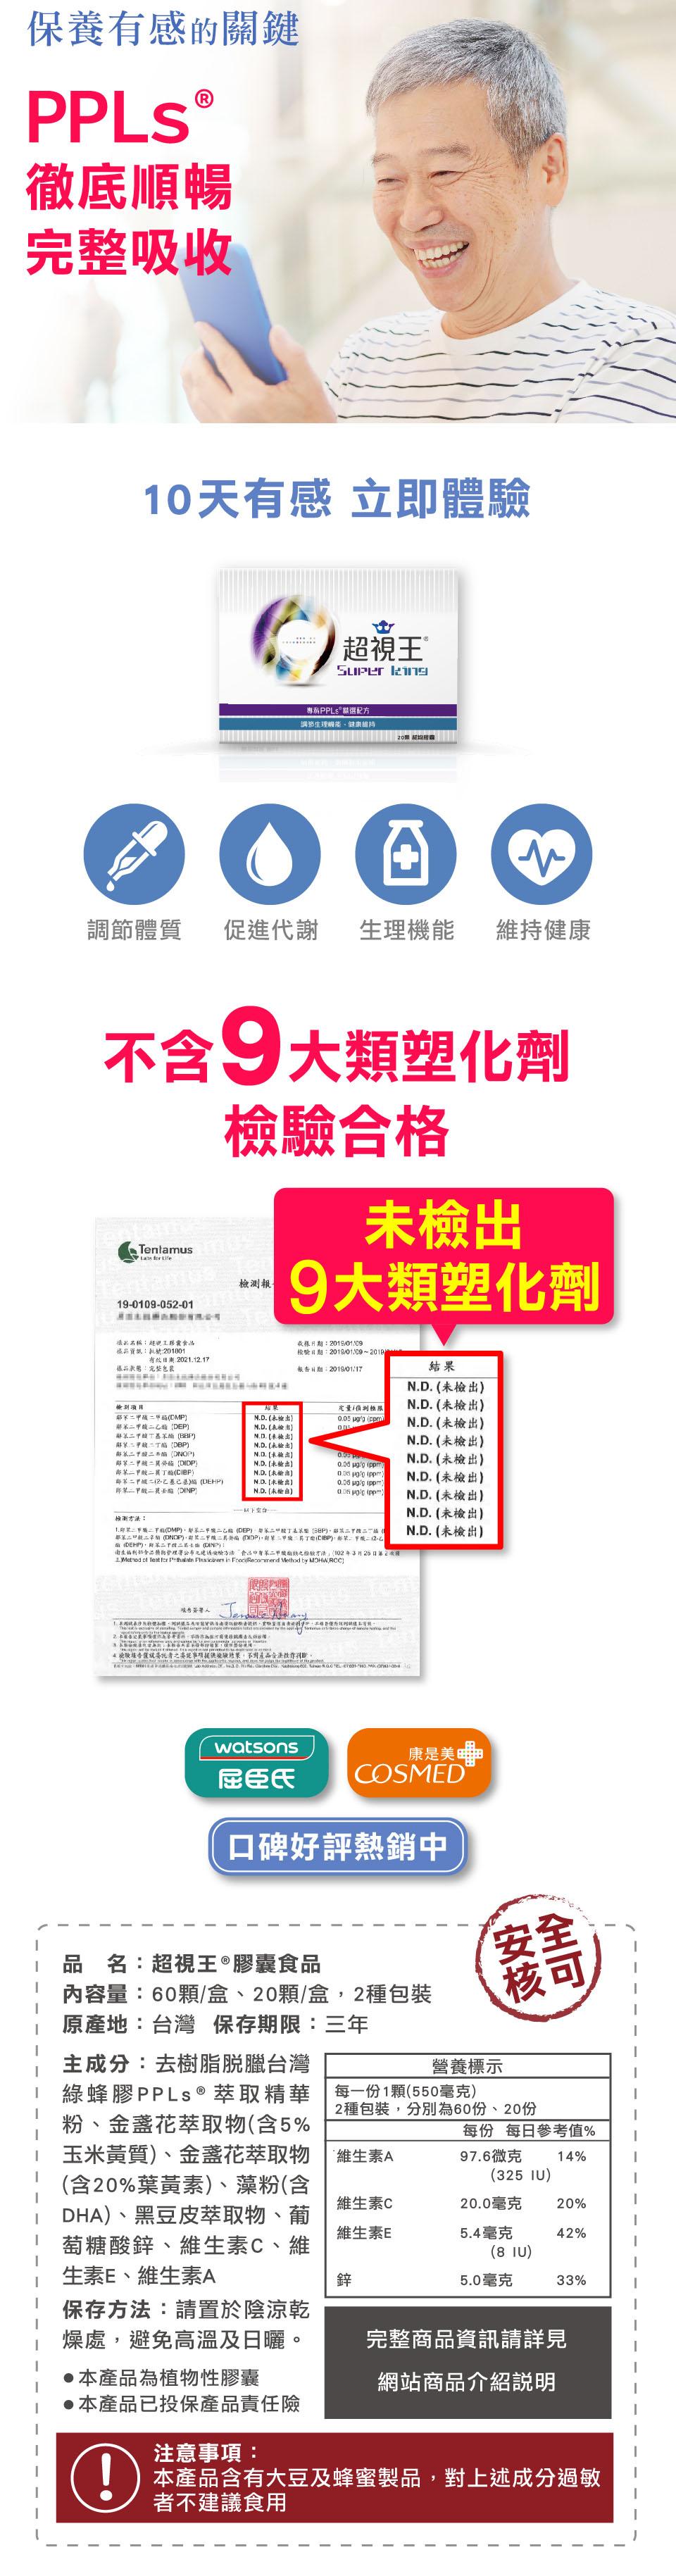 210121-超視王介紹04